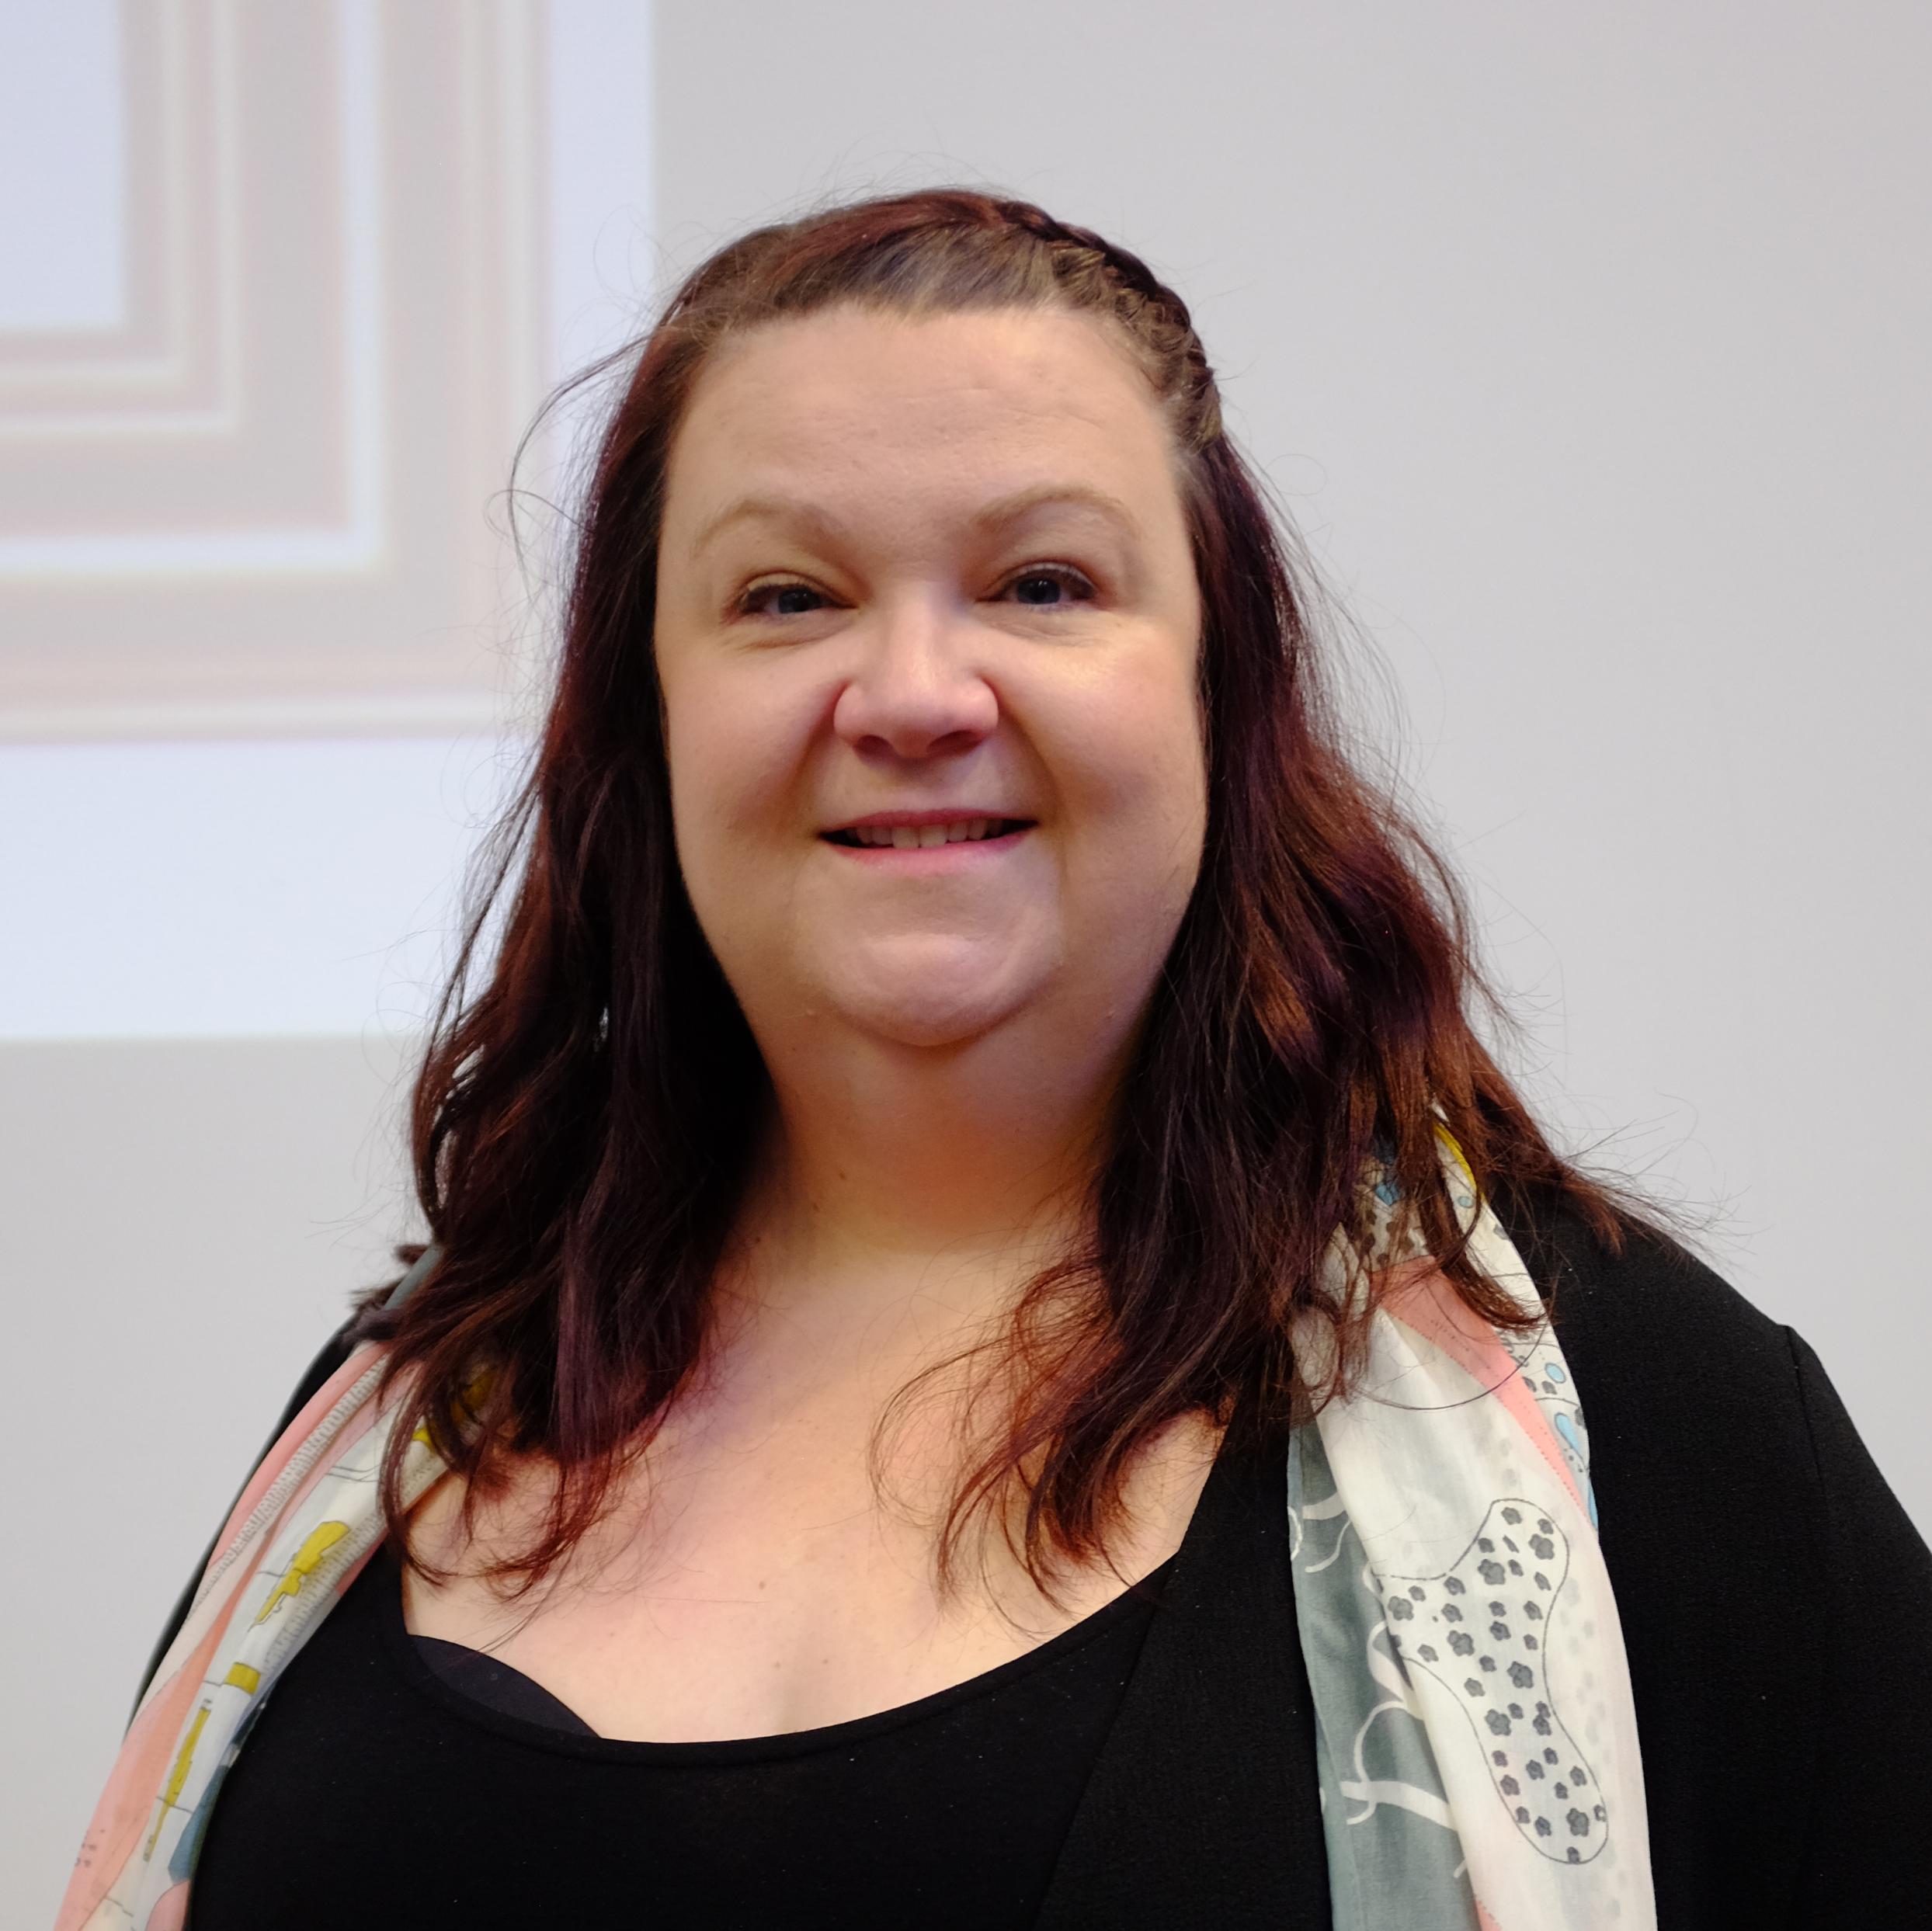 Meg Drummond